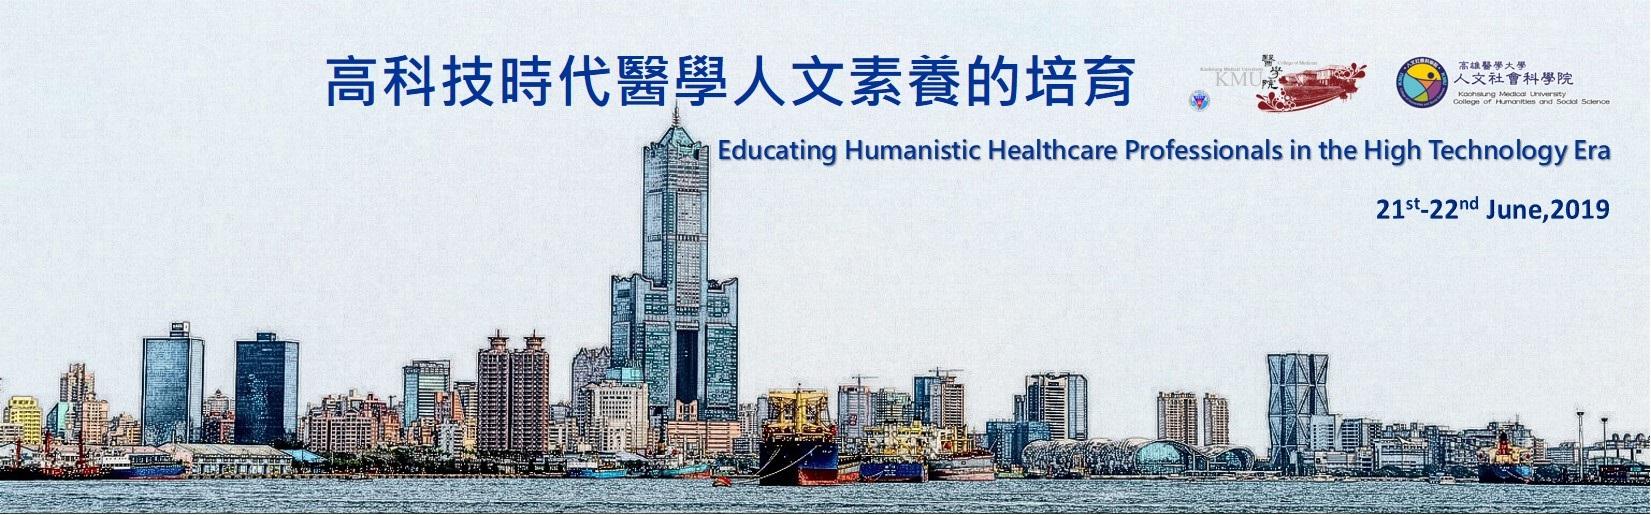 2019專業素養與醫學人文教育國際學術研討會